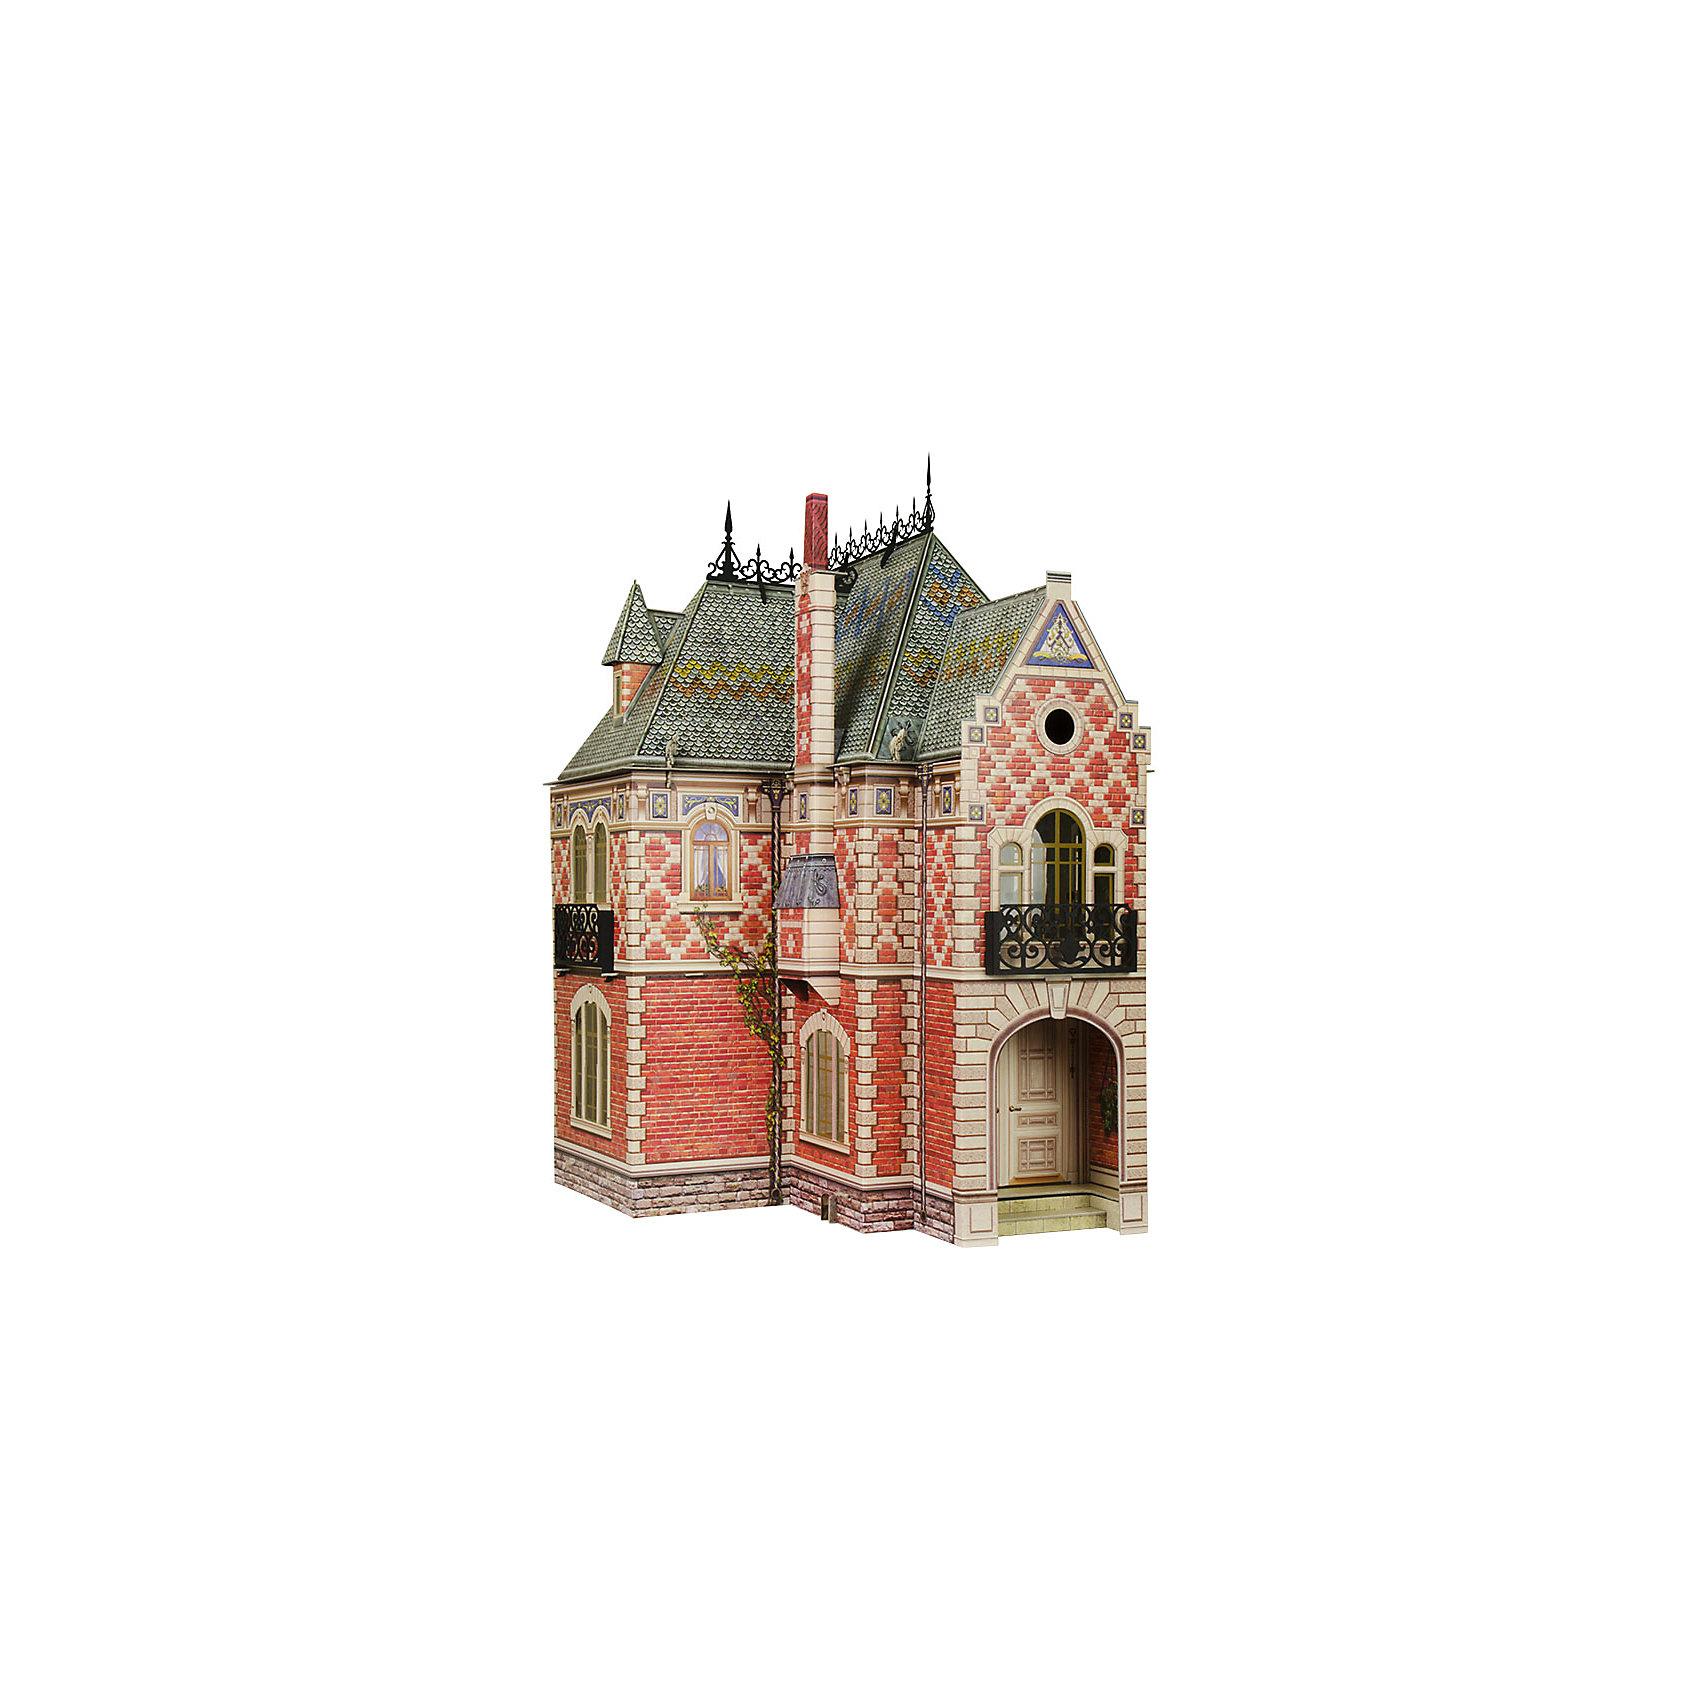 Сборная модель Кукольный ДомКартонные модели<br>Кукольный Дом - Сюжетный игровой набор из плотного картона. Серия: Кукольный дом и мебель. Количество деталей, шт: 74. Размер в собранном виде, см: 42,5 x 40,5 x 60 . Размер упаковки, мм.:  высота 493 ширина 350 глубина 37. Тип упаковки: Картонная коробка. Вес, гр.: 2620. Возраст: от 7 лет. Все модели и игрушки, созданные по технологии УМНАЯ БУМАГА собираются без ножниц и клея, что является их неповторимой особенностью.<br>Принцип соединения деталей запатентован. Соединения деталей продуманы и просчитаны с такой точностью, что при правильной сборке с моделью можно играть, как с обычной игрушкой.<br><br>Ширина мм: 350<br>Глубина мм: 37<br>Высота мм: 493<br>Вес г: 2620<br>Возраст от месяцев: 84<br>Возраст до месяцев: 2147483647<br>Пол: Унисекс<br>Возраст: Детский<br>SKU: 4807478